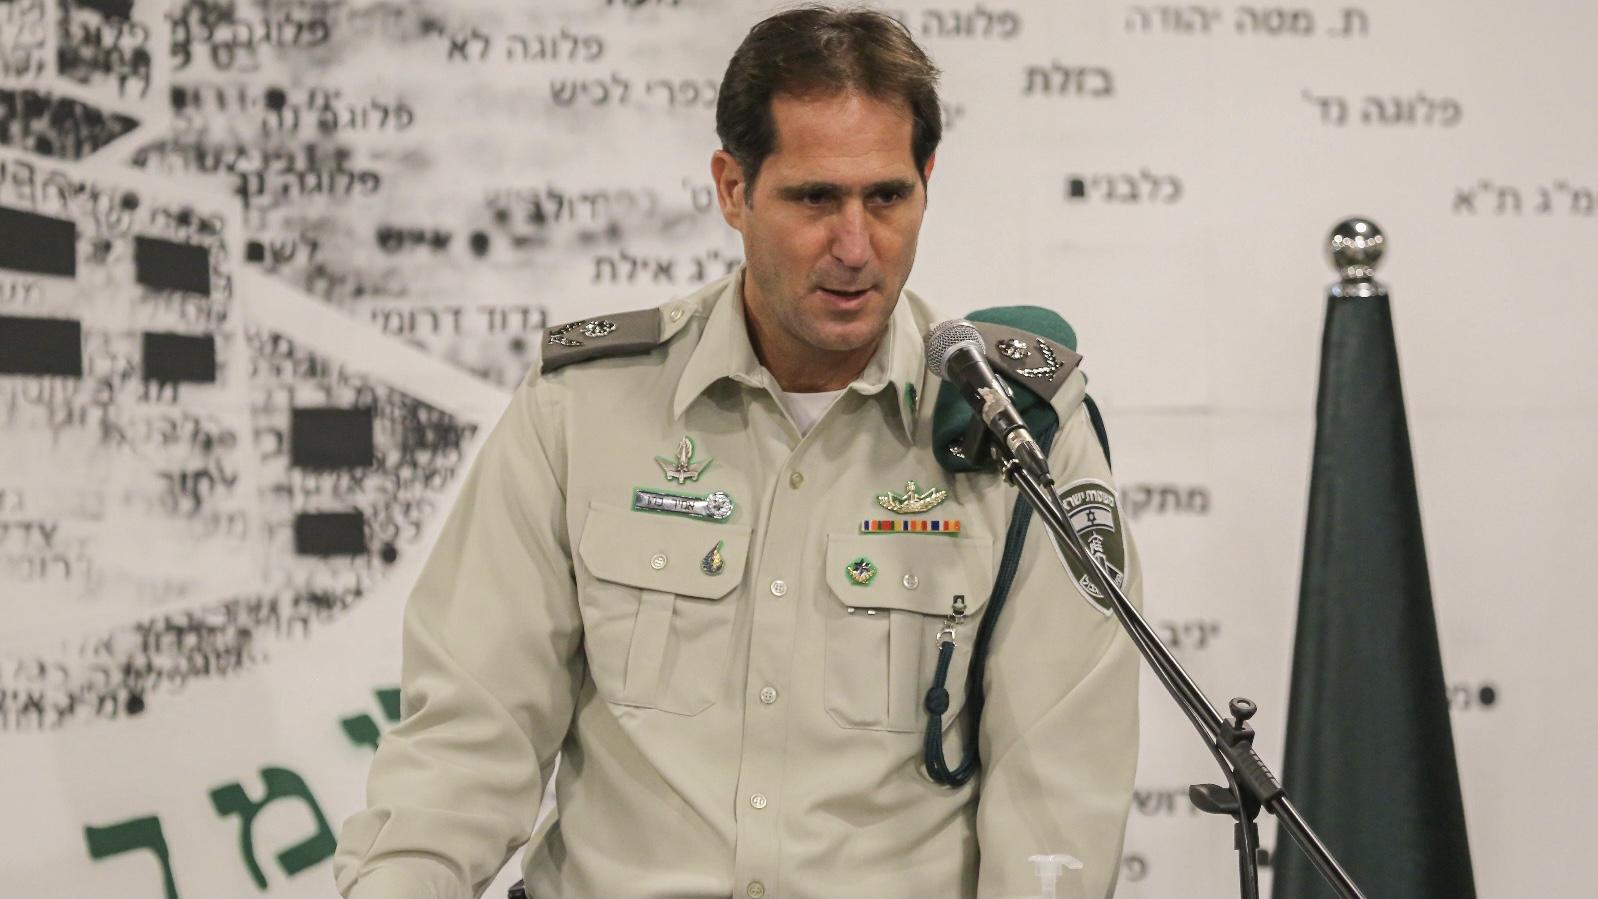 מפקד מג״ב הנכנס, ניצב אמיר כהן: ״בזכות רוח החיל והמסירות נצעיד את החיל לעבר העשור הבא״